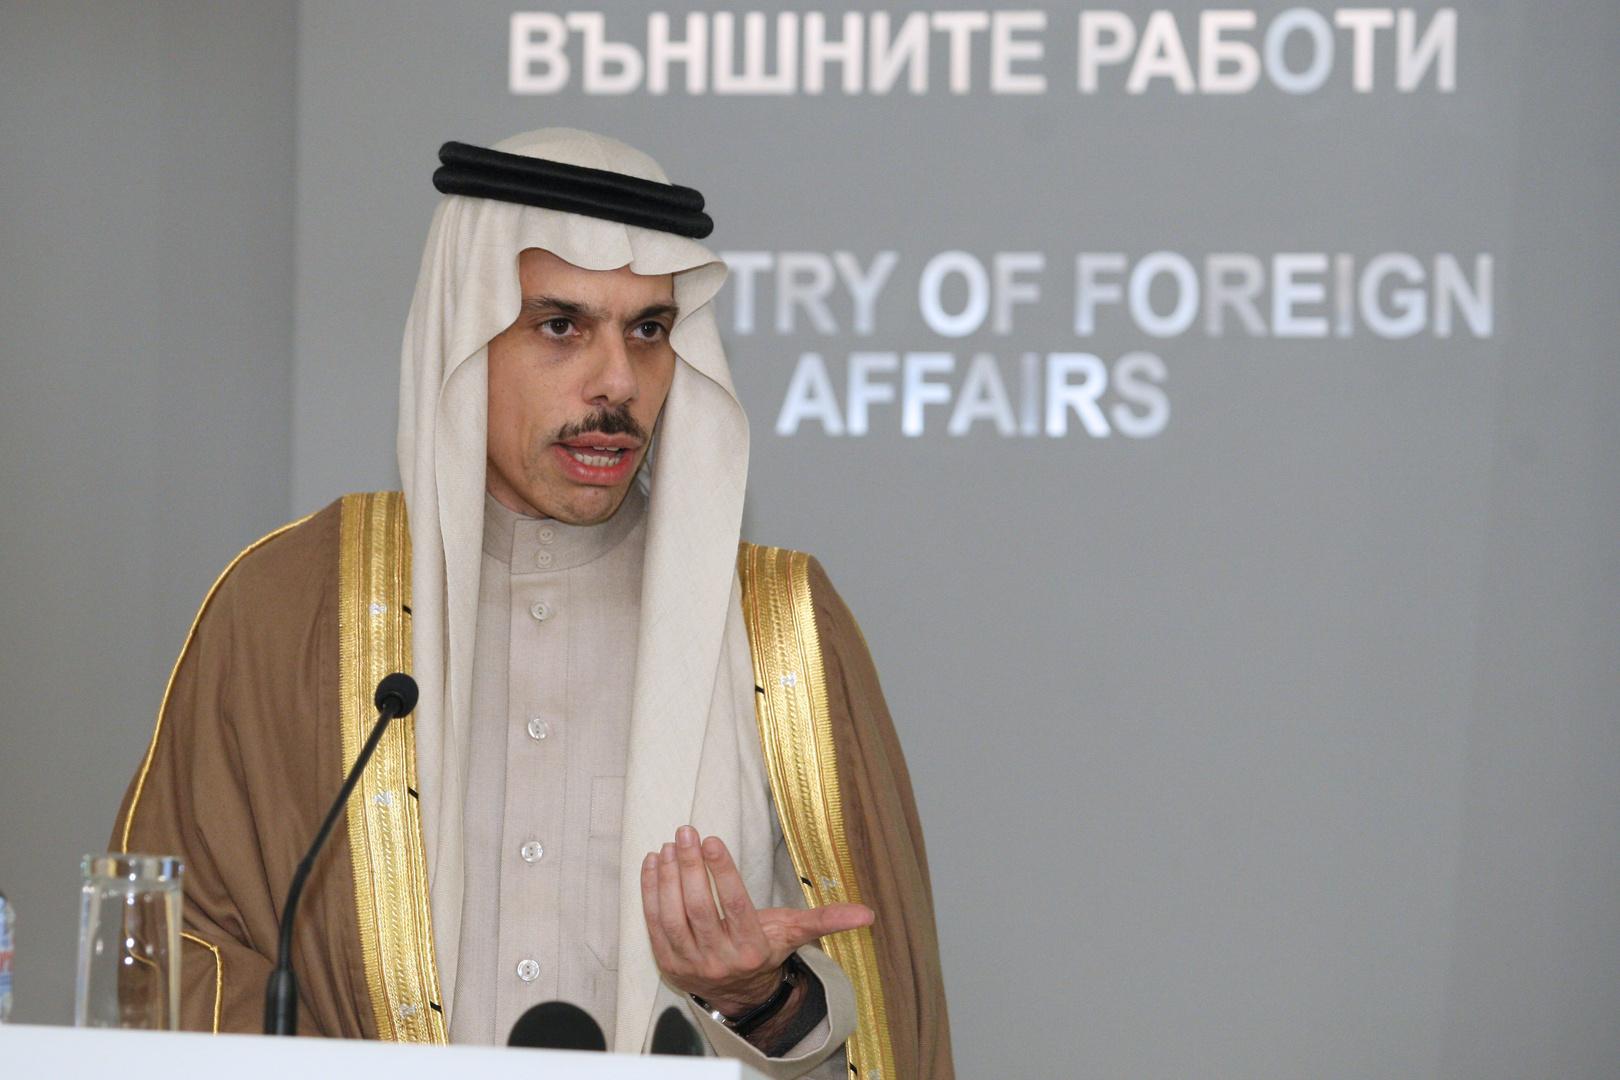 وزير الخارجية السعودي في زيارة رسمية للجزائر